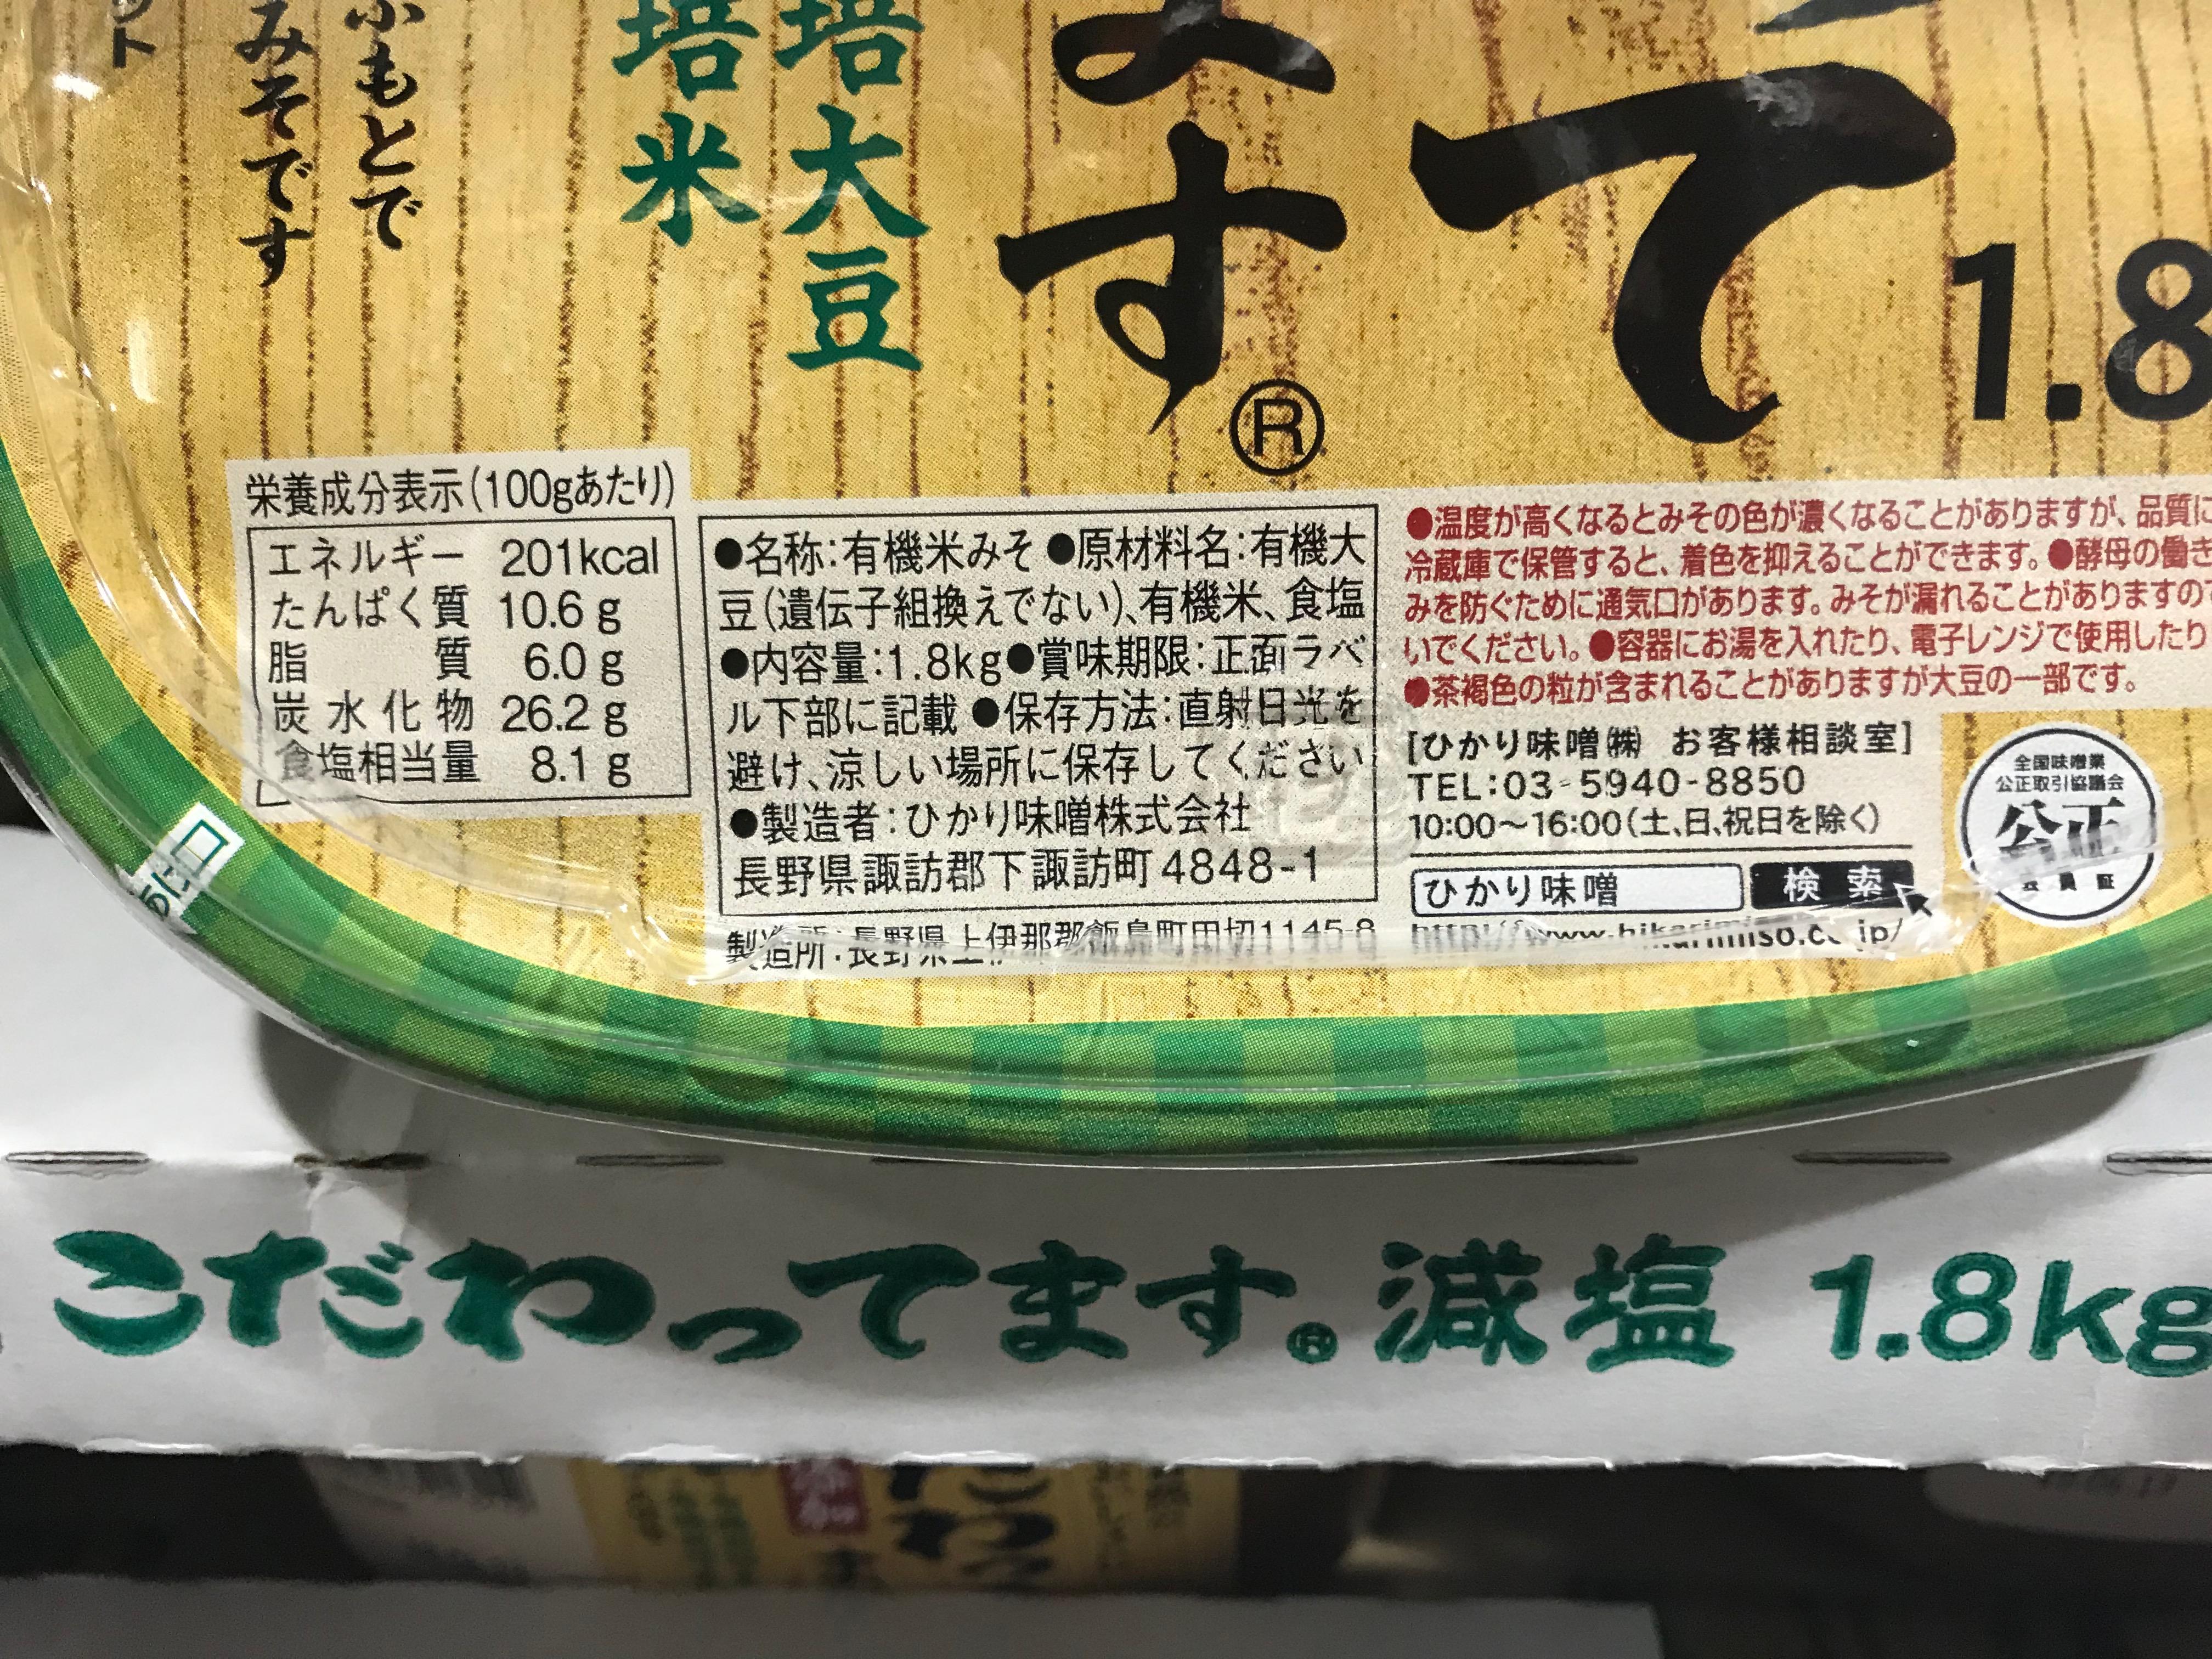 コストコ 減塩ひかり味噌 栄養成分